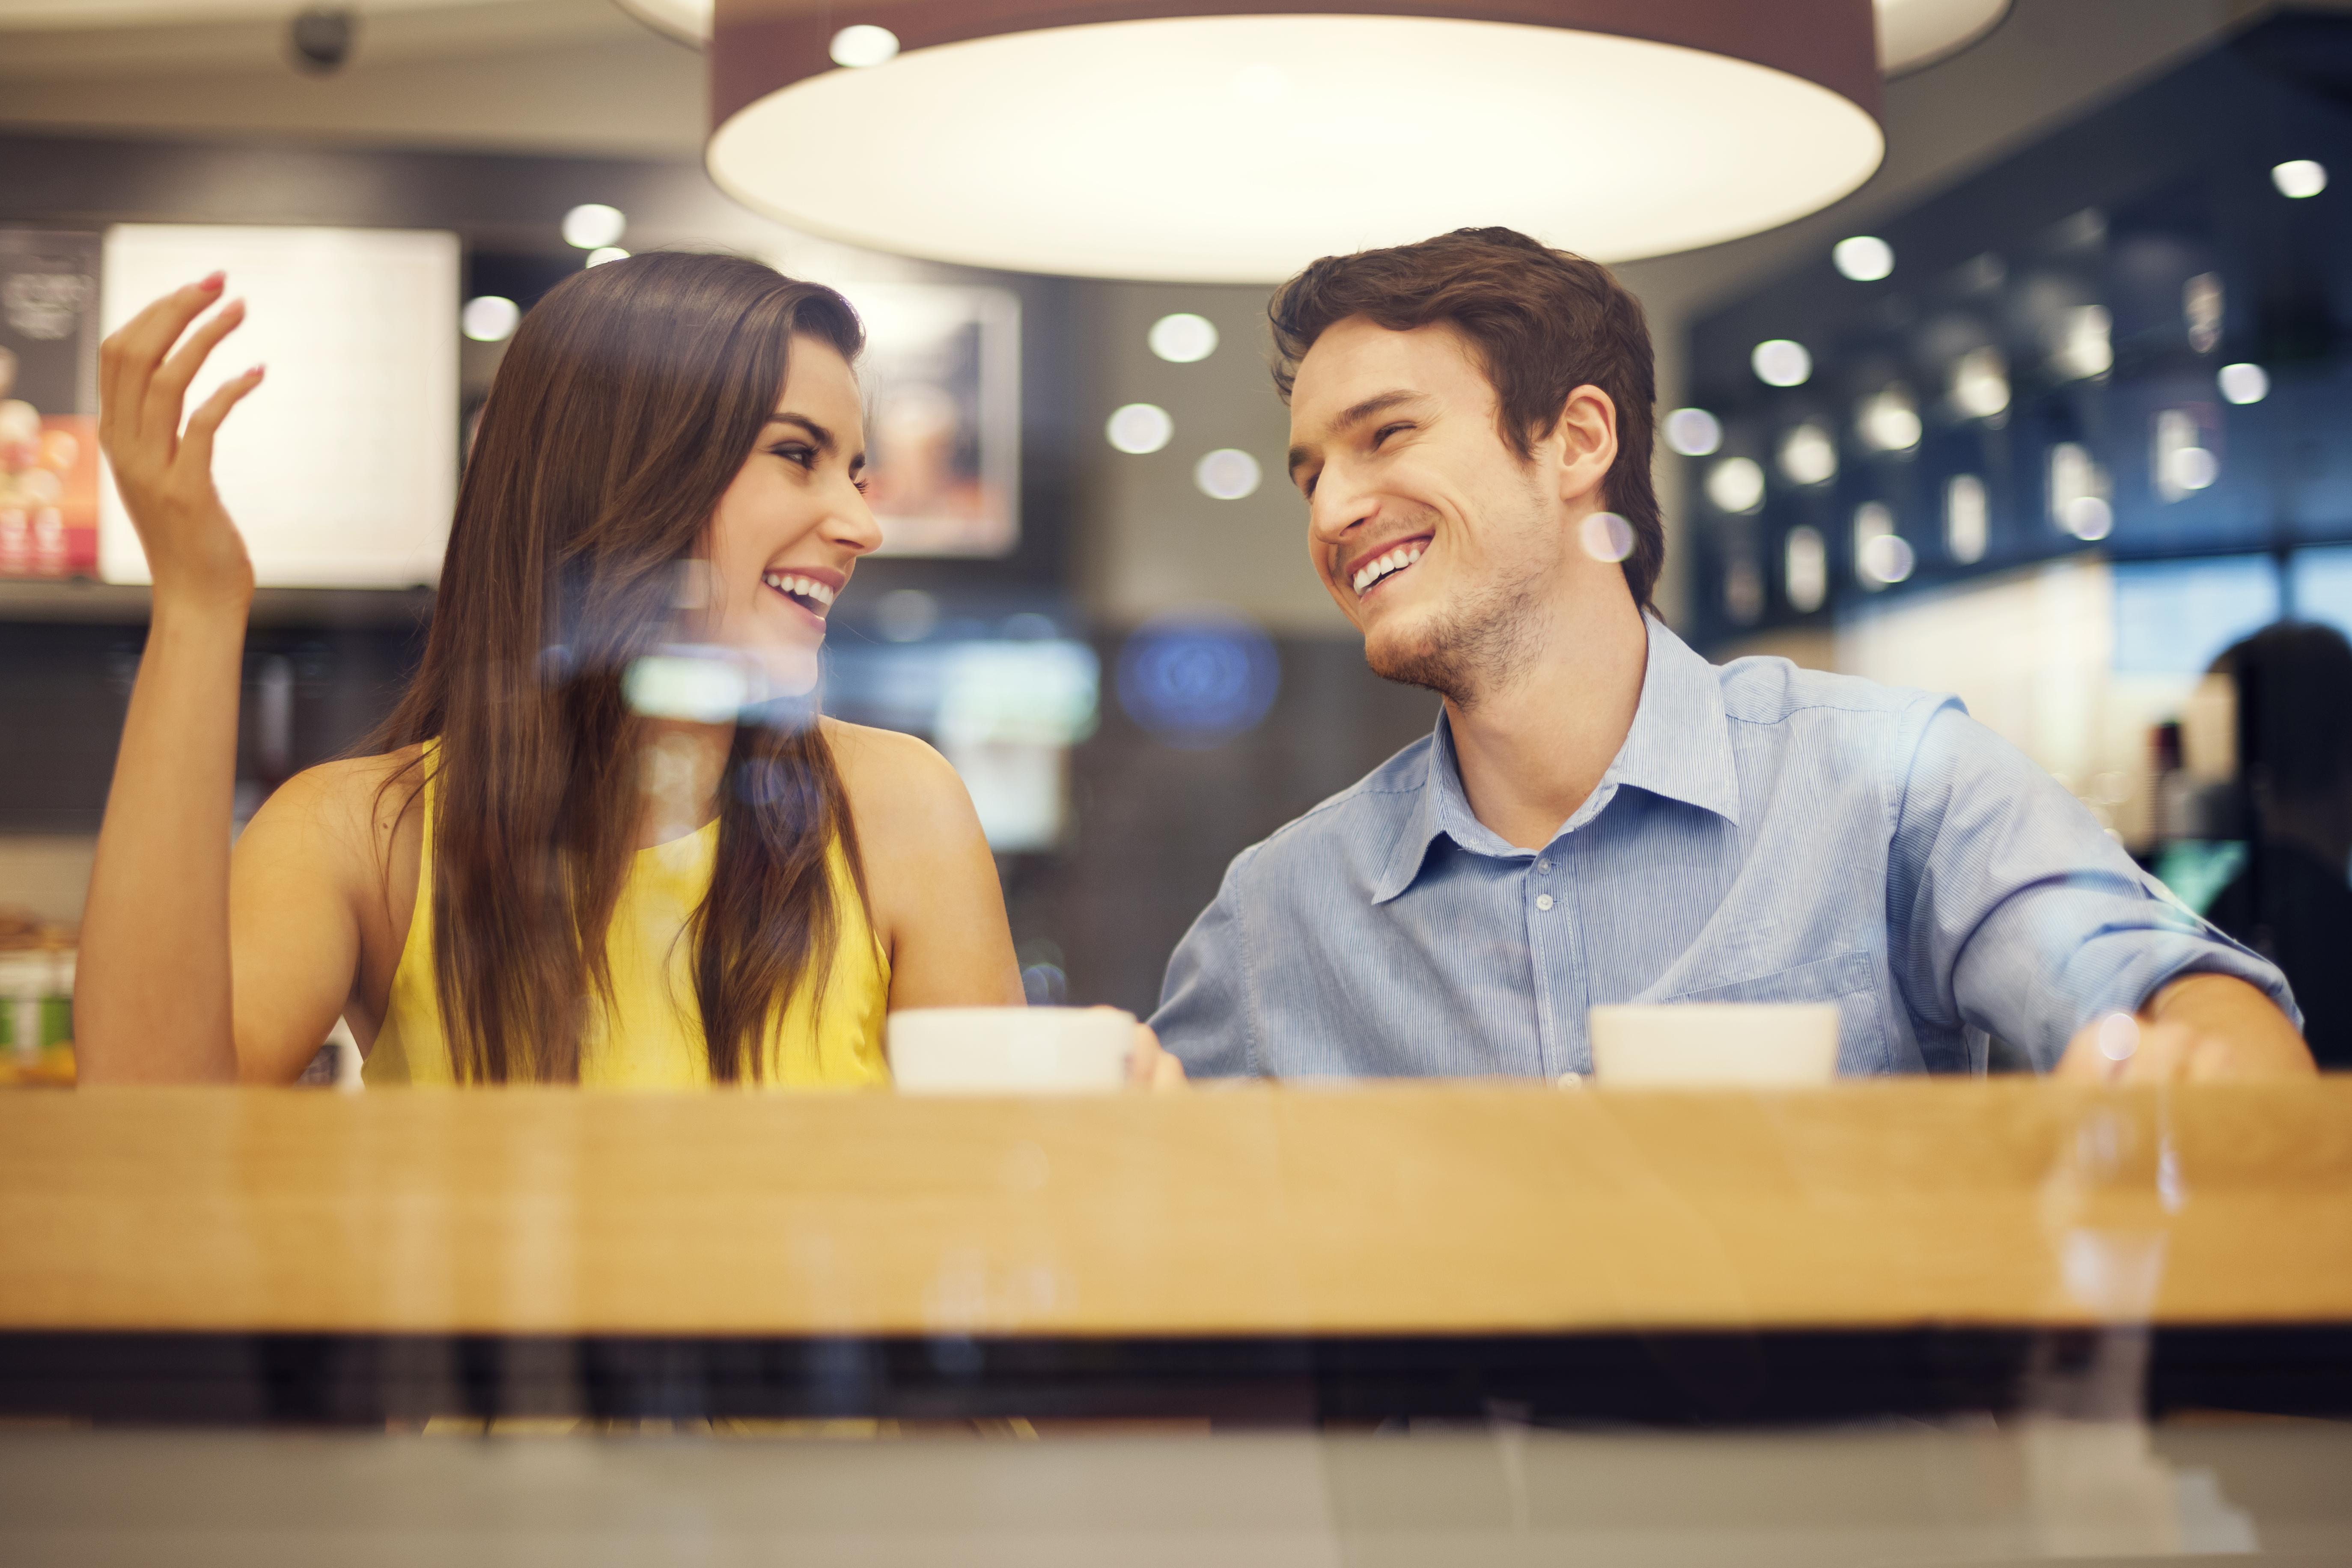 lunch eigenlijk dating agency Megan dating in het donker Australië